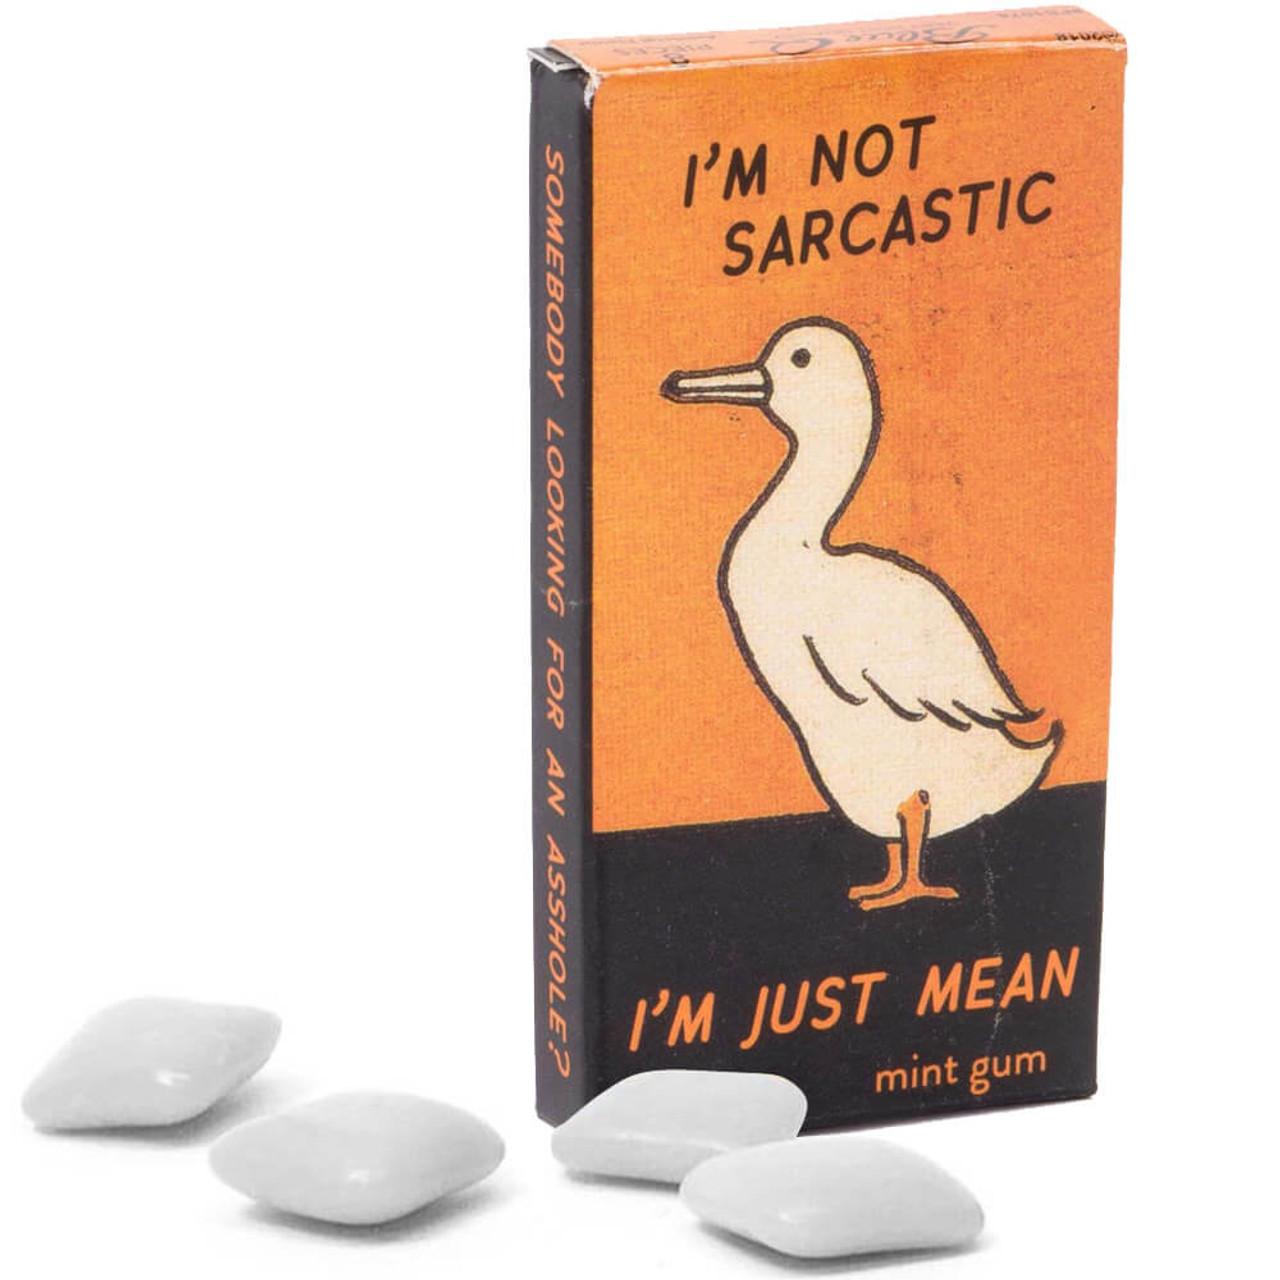 I'm Not Sarcastic, I'm Just Mean Gum